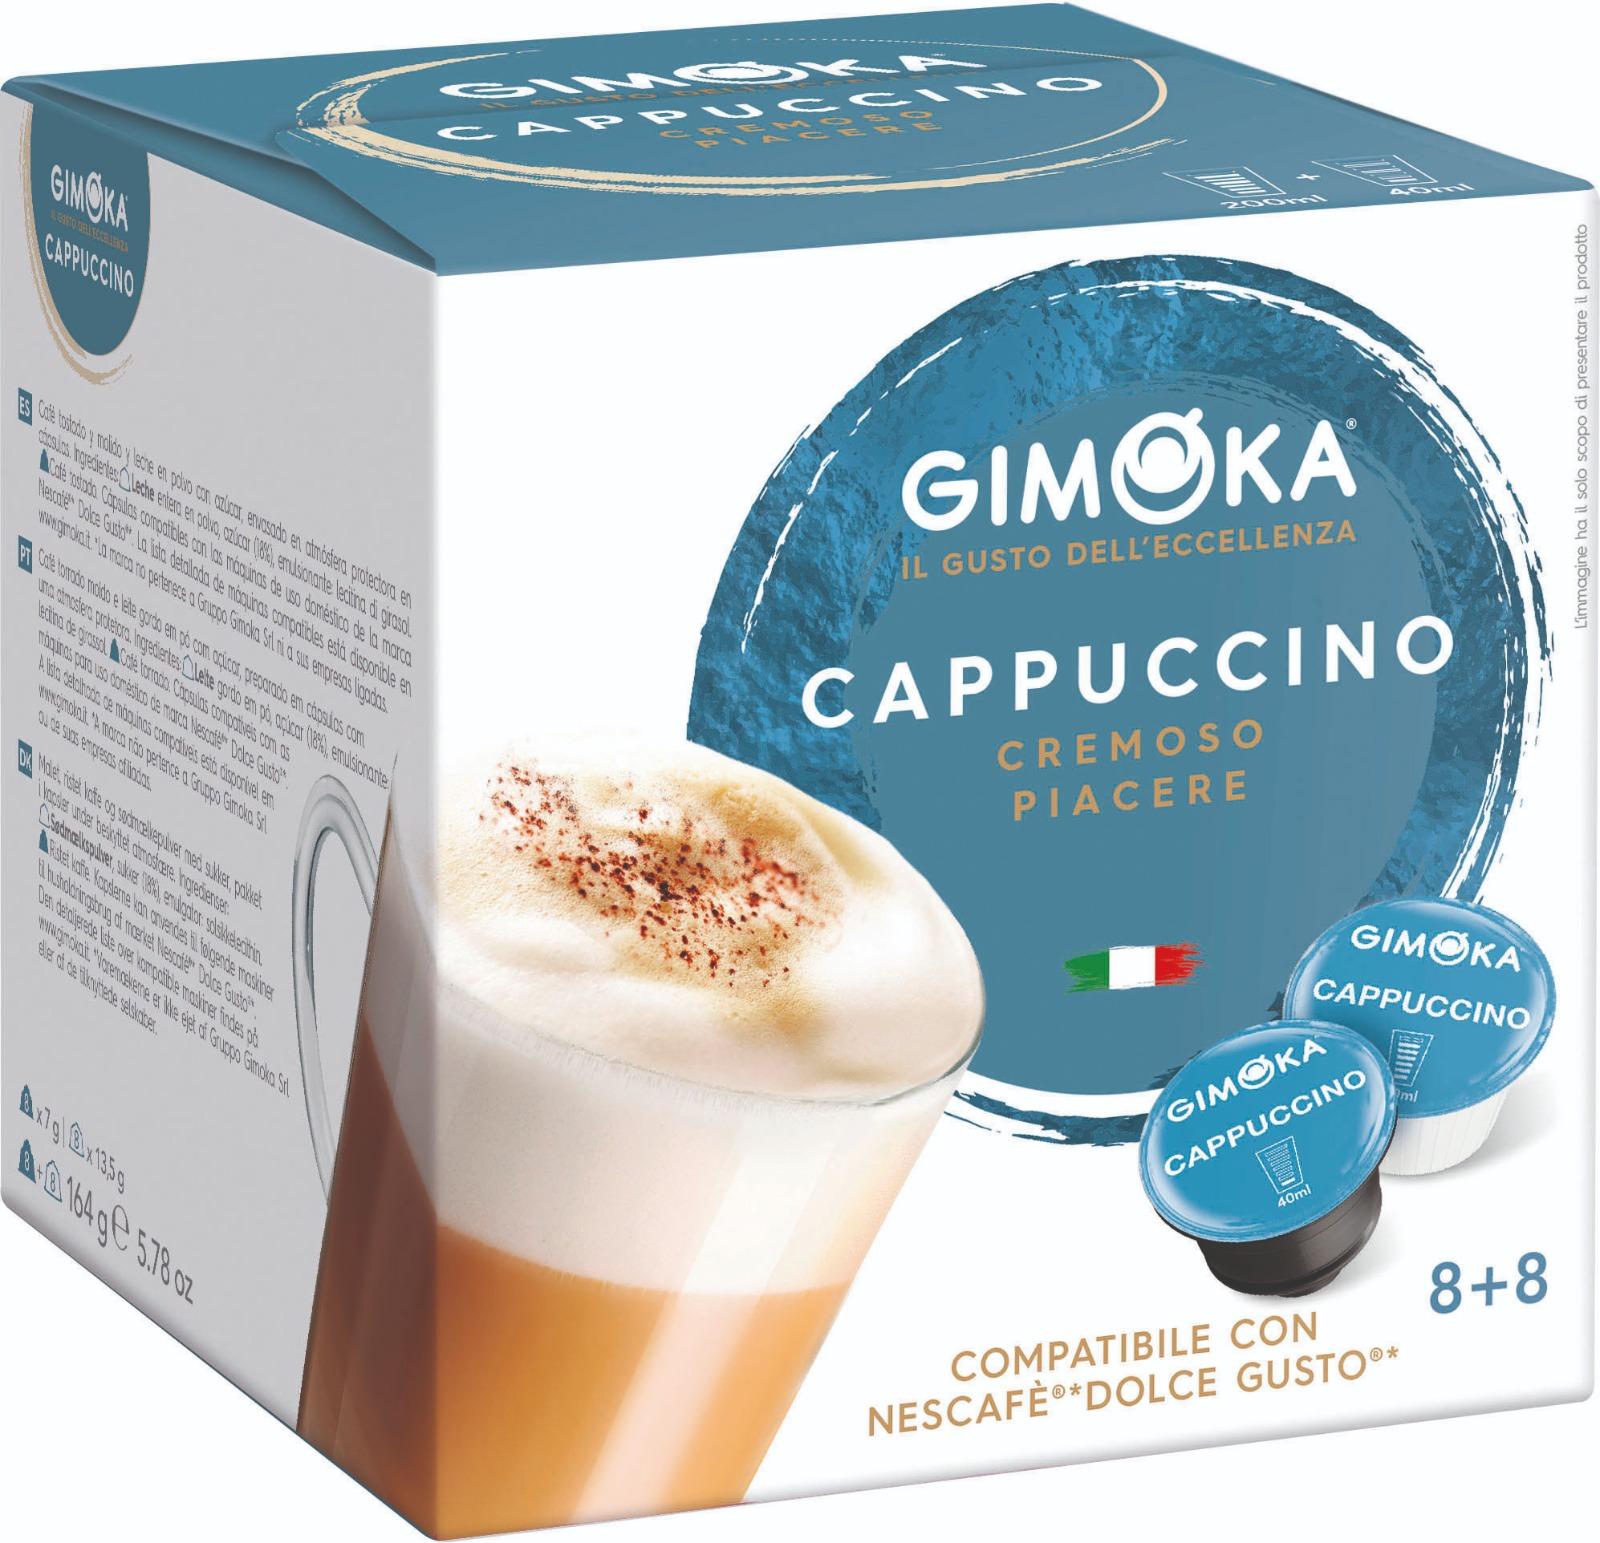 16 קפסולות איטלקיות תואמות דולצה גוסטו Gimoka Espresso cappuccino Dolce Gusto